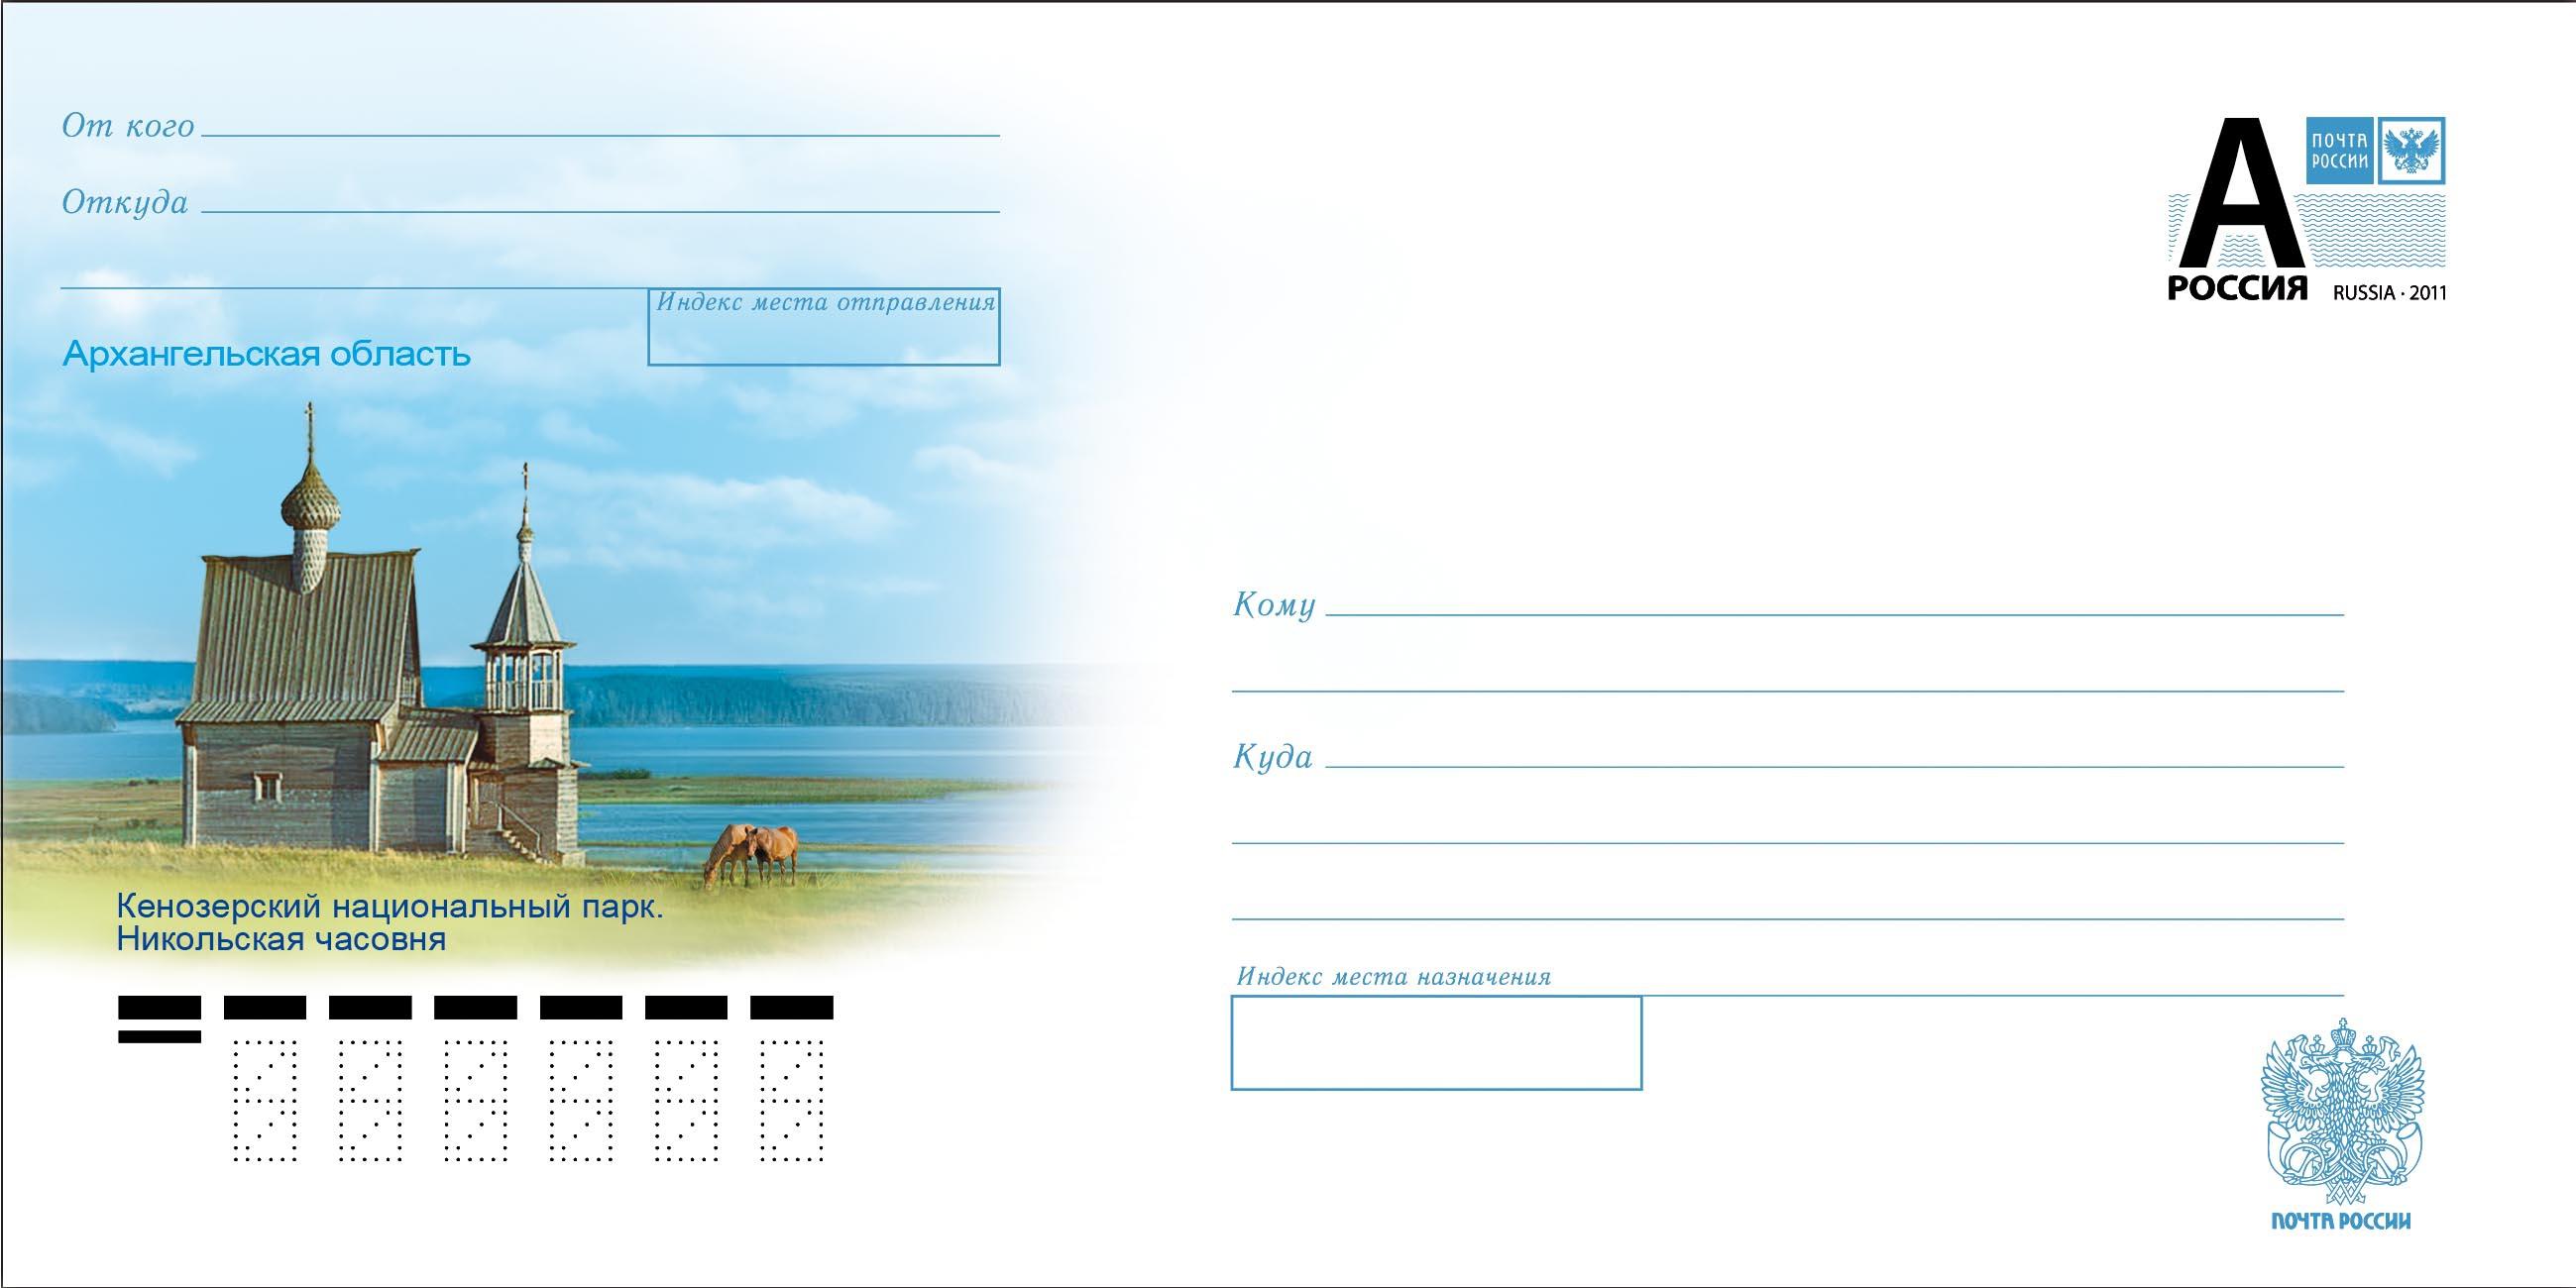 Как сделать на конверте свою фотографию 971